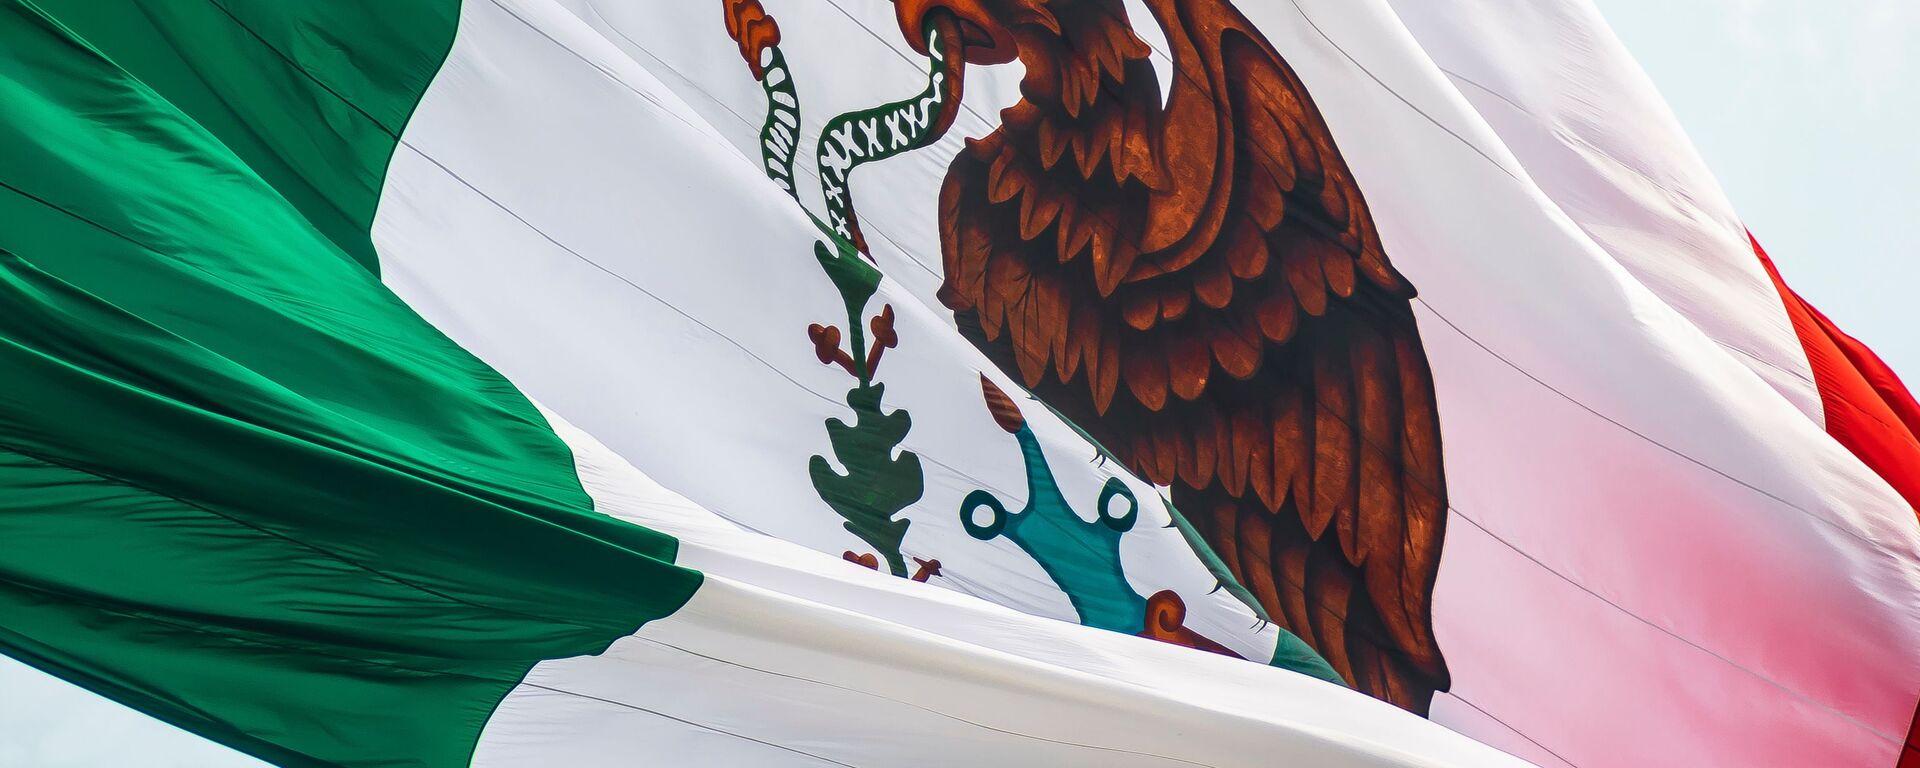 Bandera de México - Sputnik Mundo, 1920, 28.04.2021